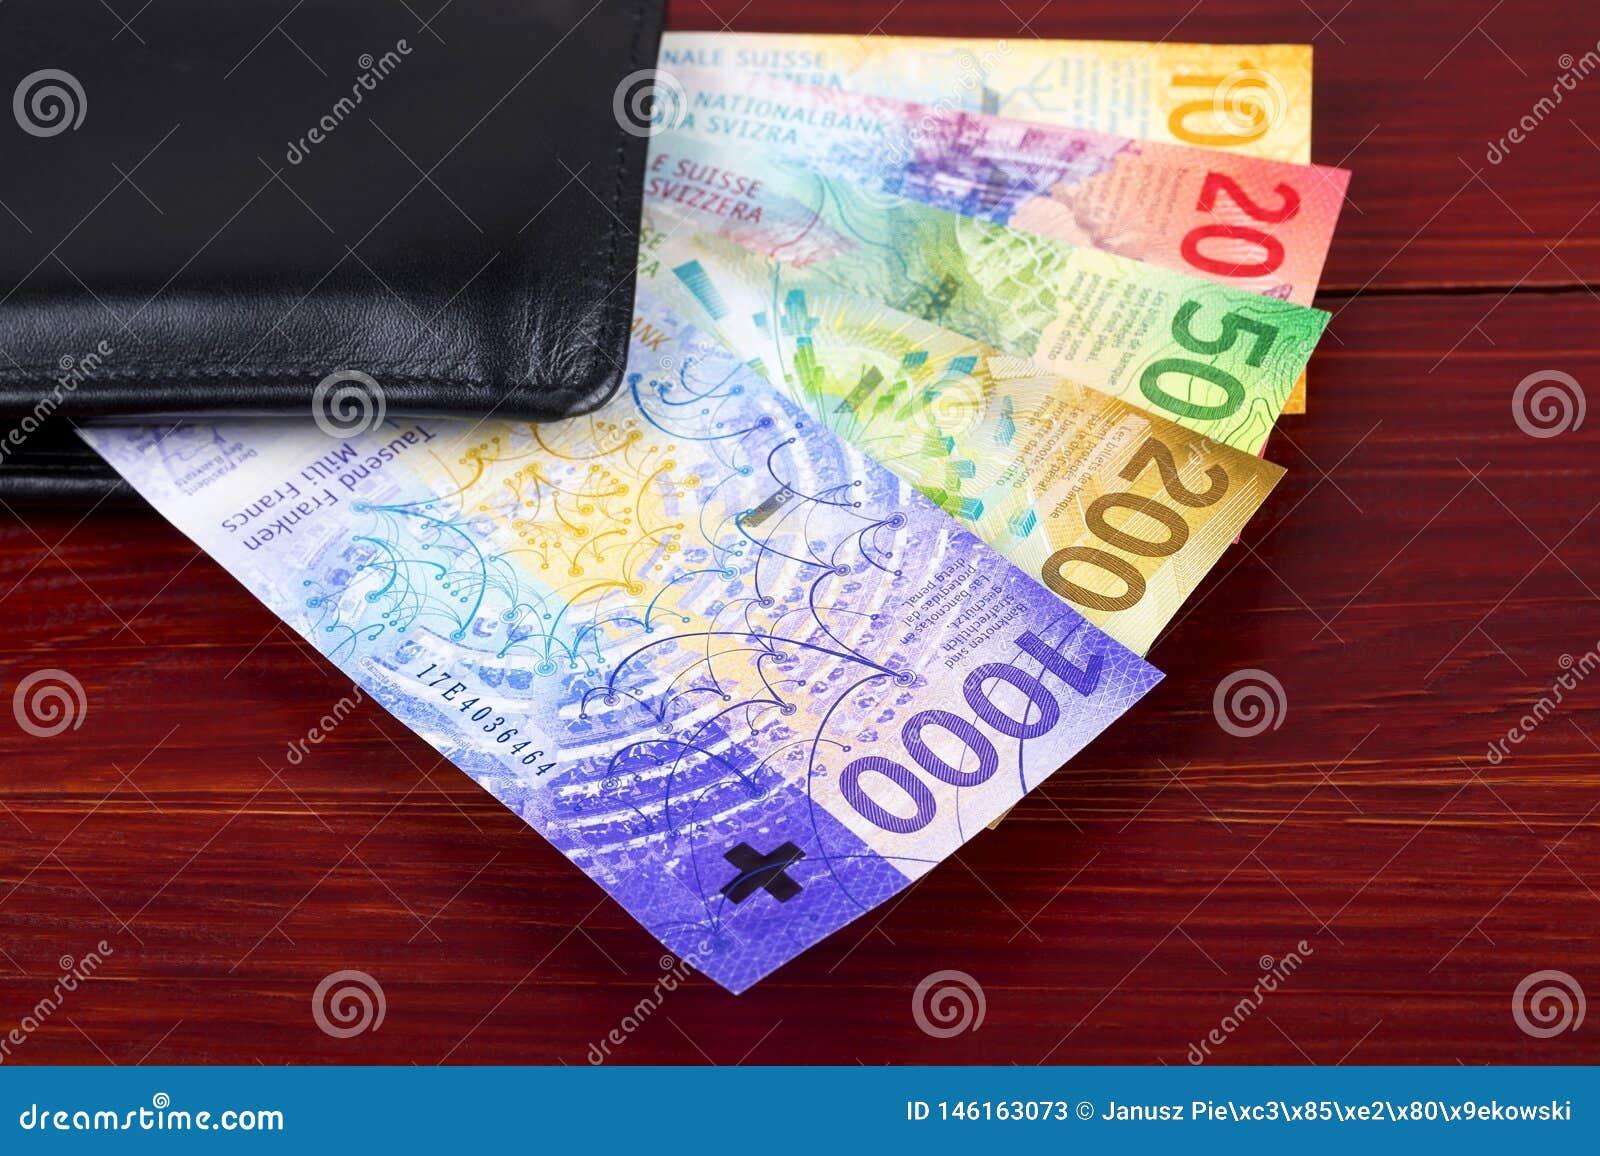 Nowi franki szwajcarscy w czarnym portflu